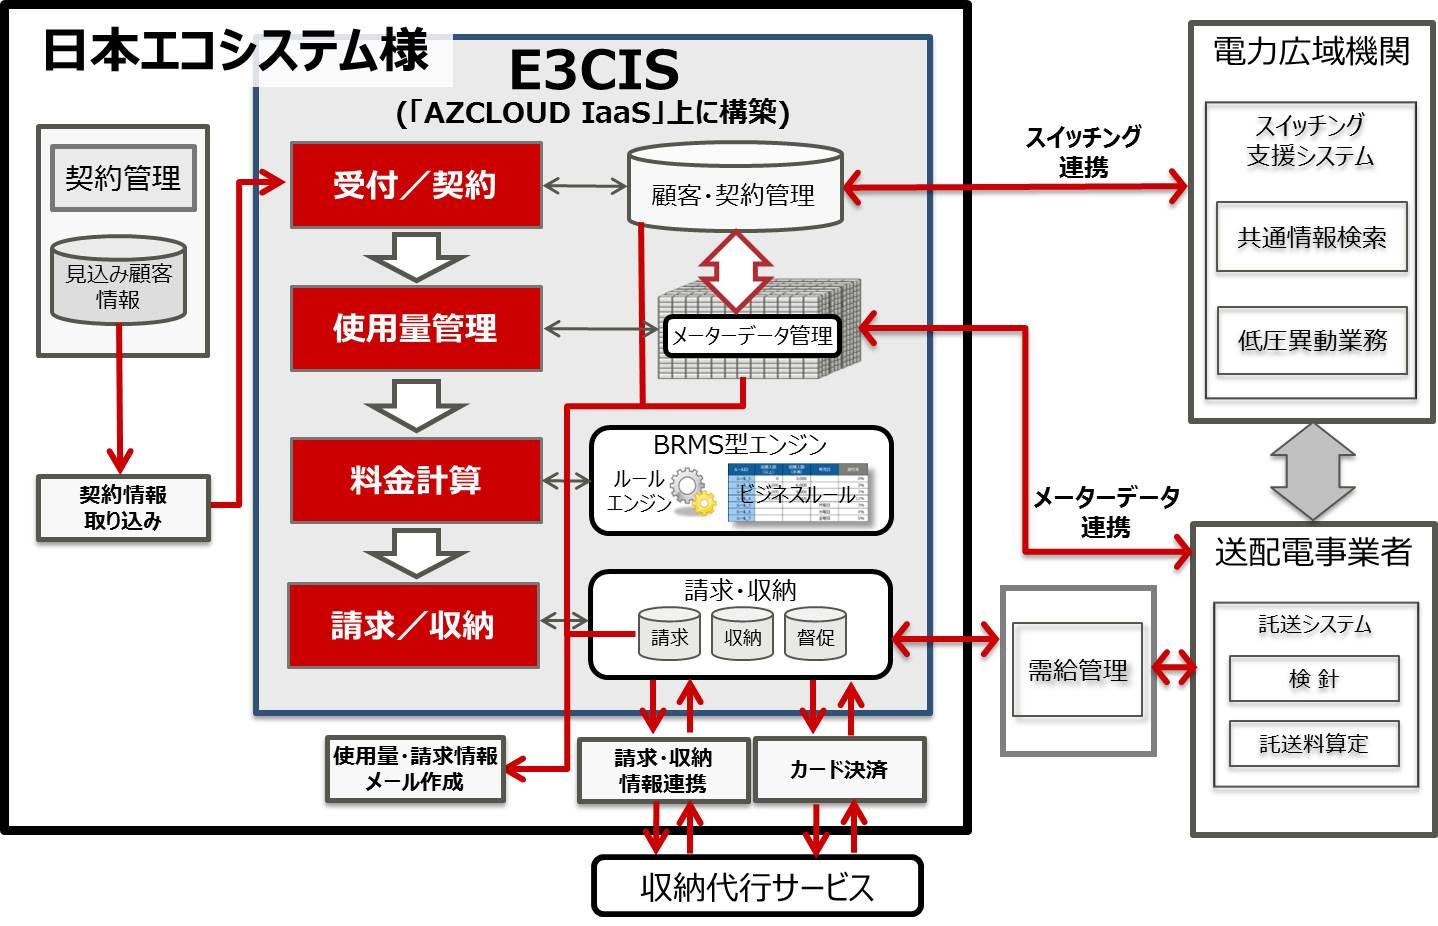 日本エコシステム様、電力小売事業の基幹システムとして「E3CIS」を採用の概要写真